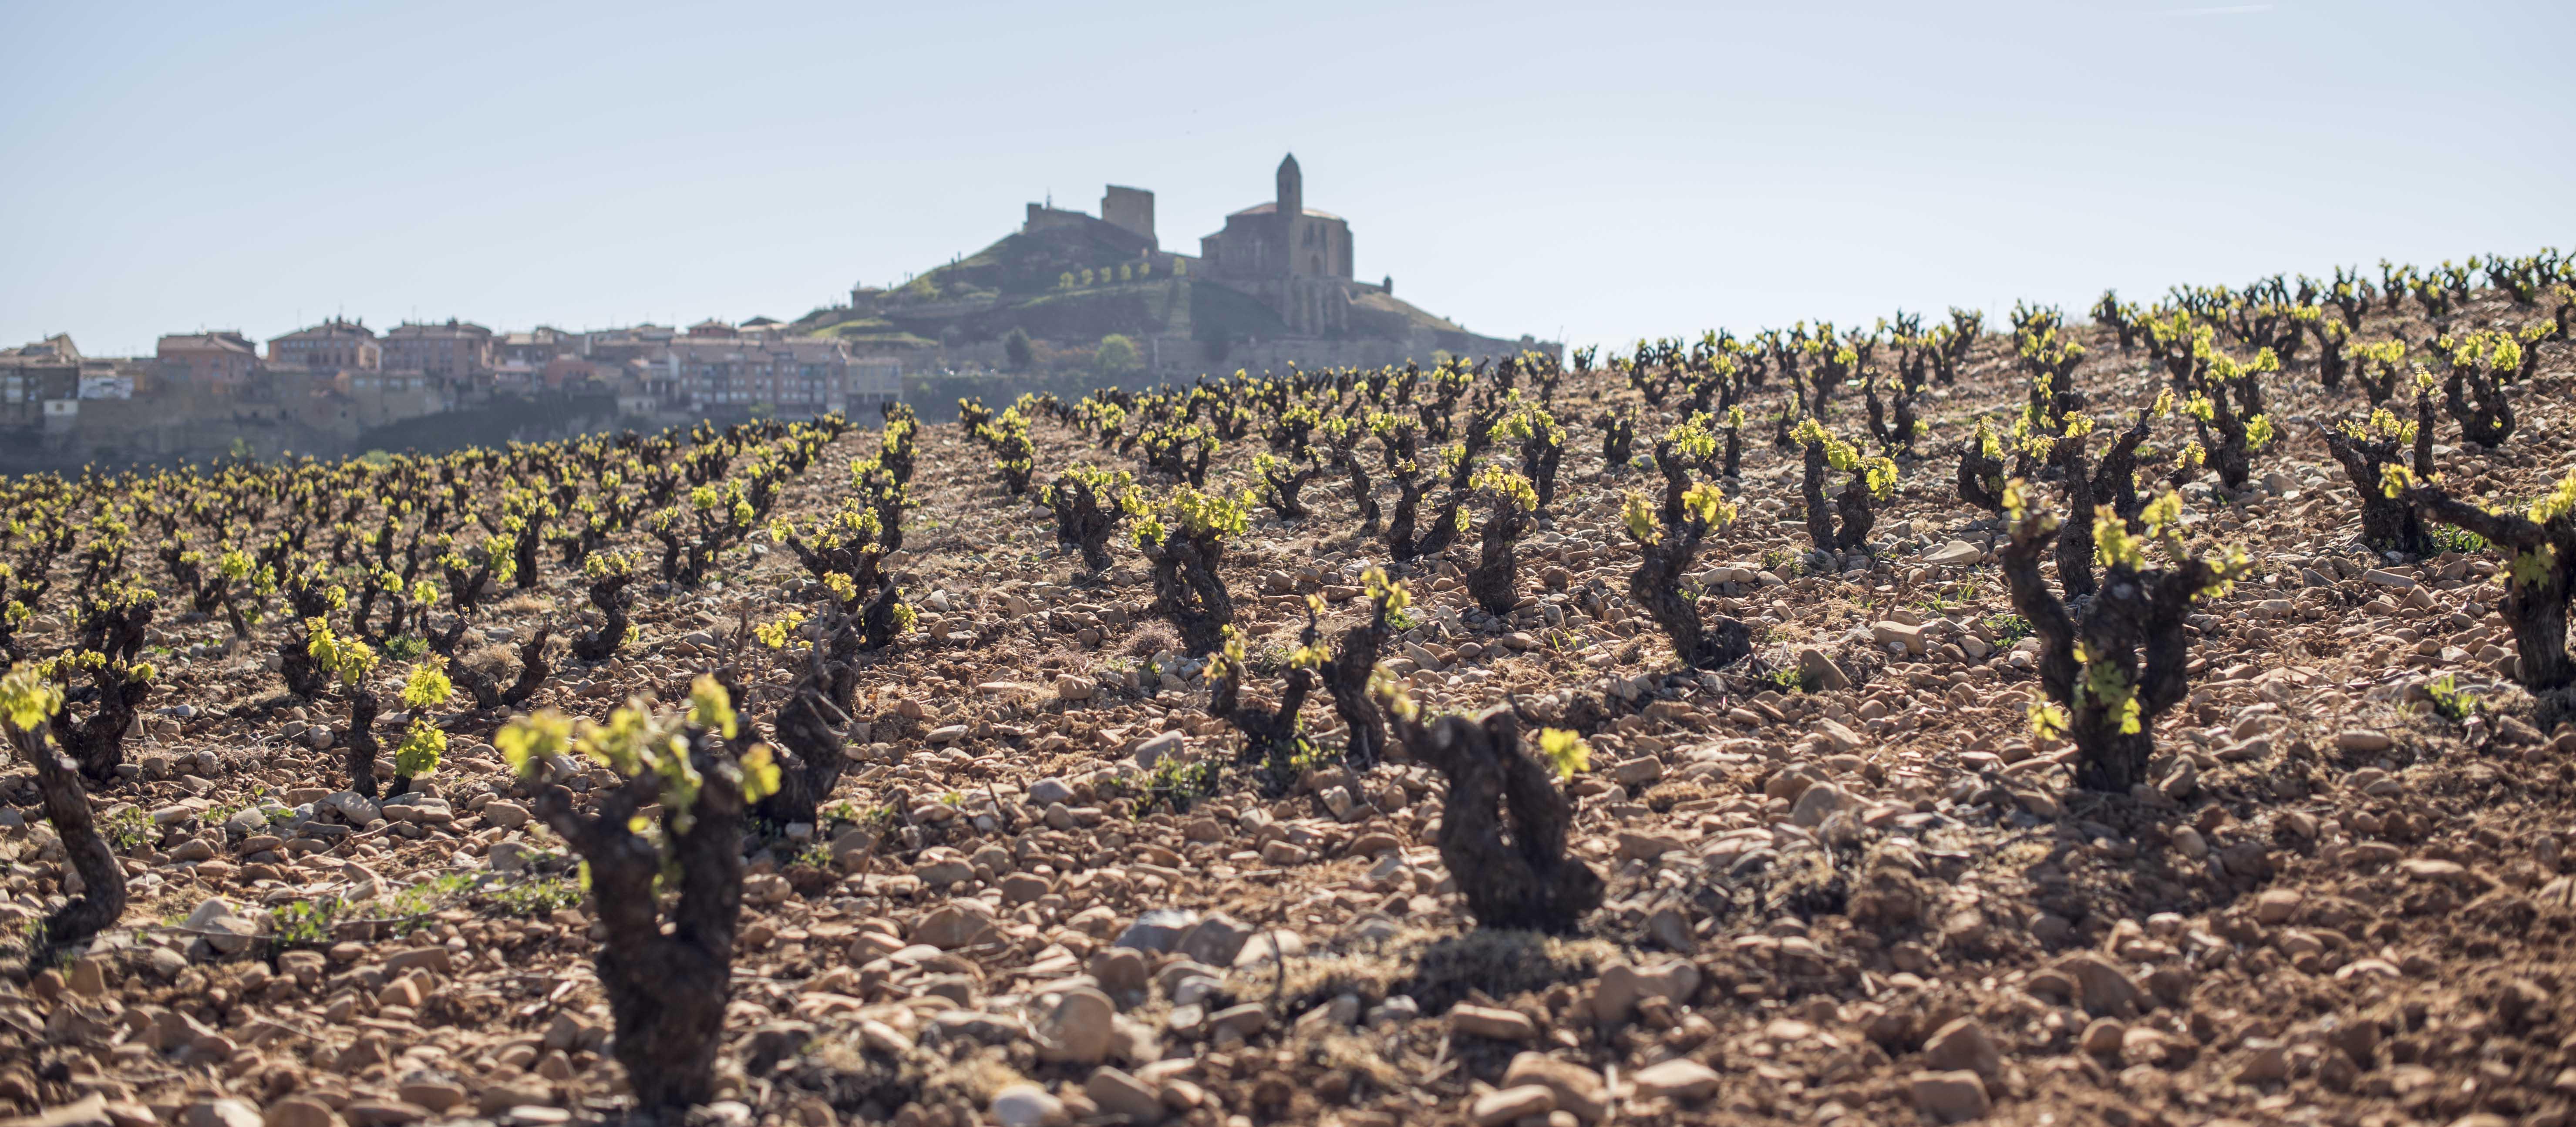 Lider en venta de vinos de Bodega Classica